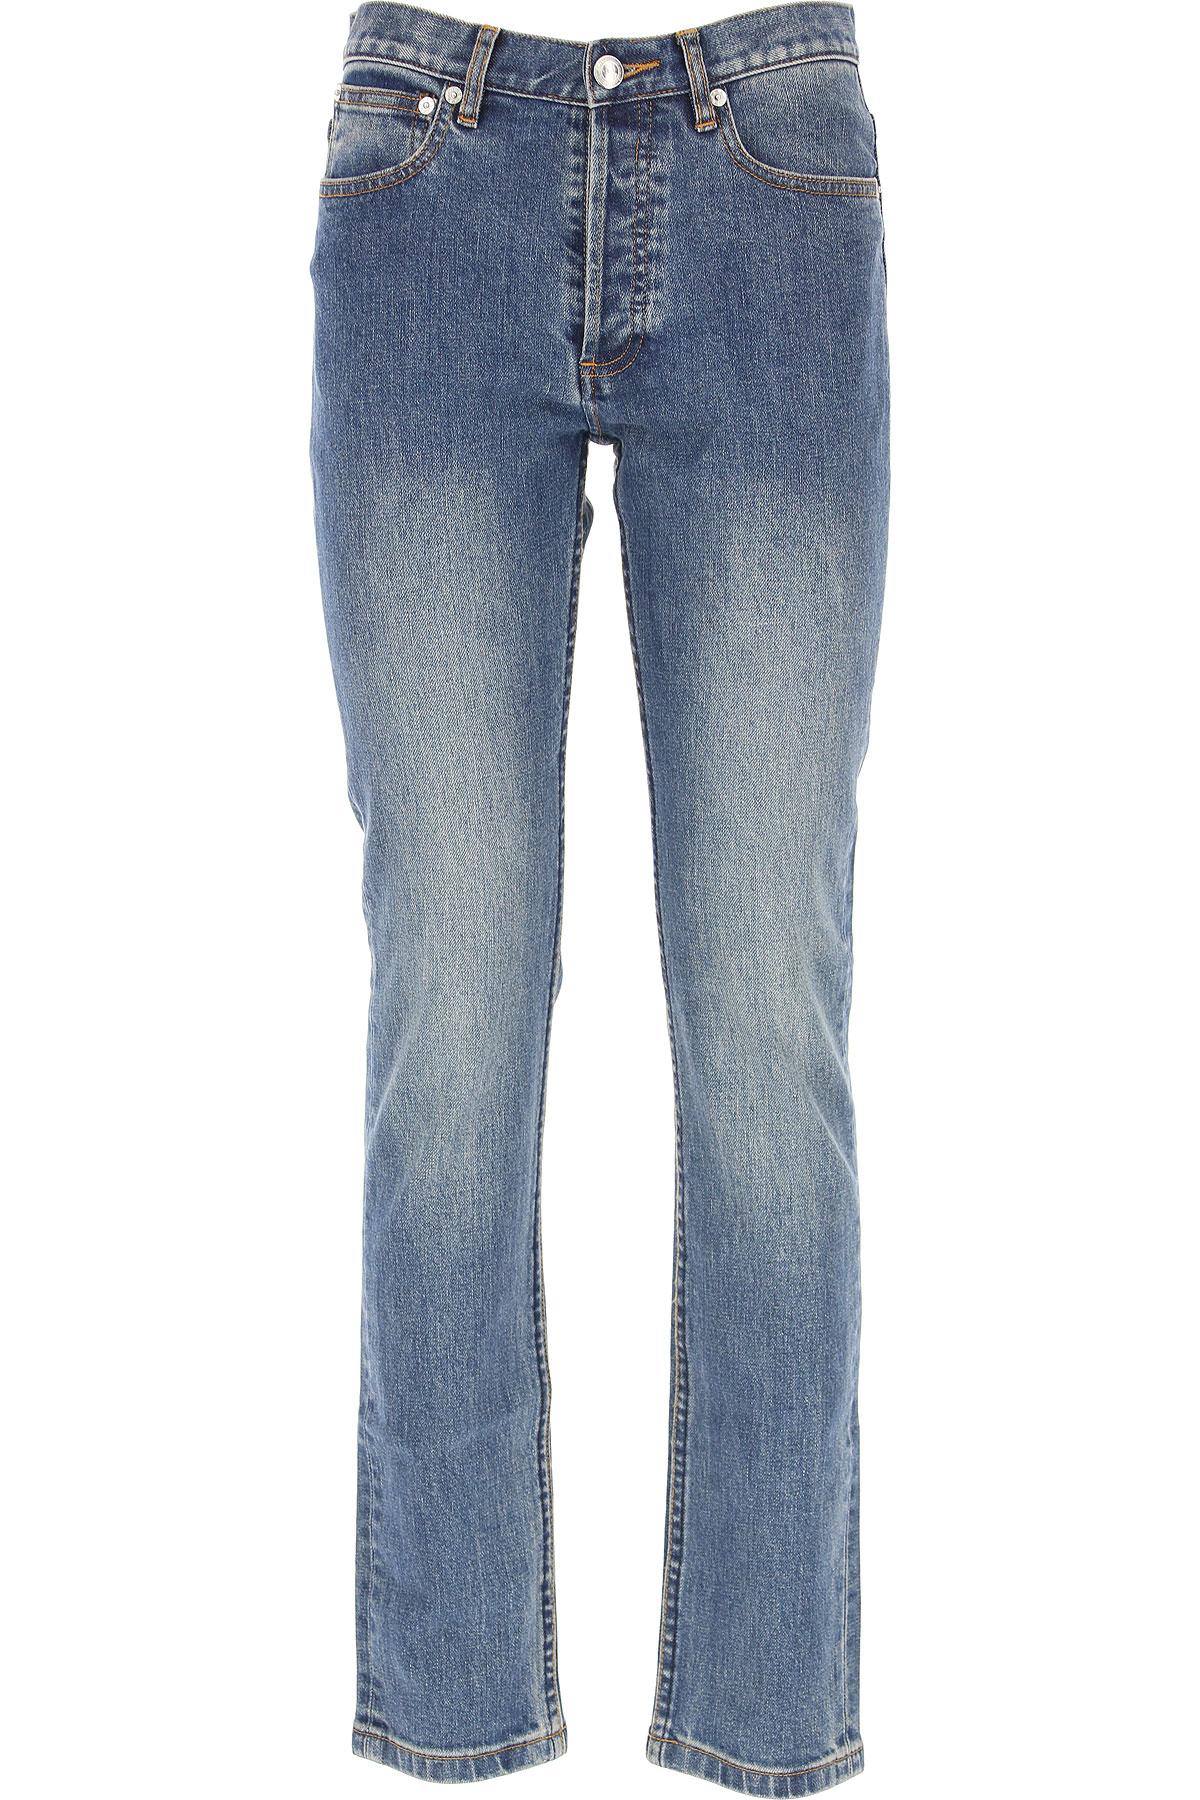 Image of A.P.C Jeans, Denim, Cotton, 2017, 27 28 29 30